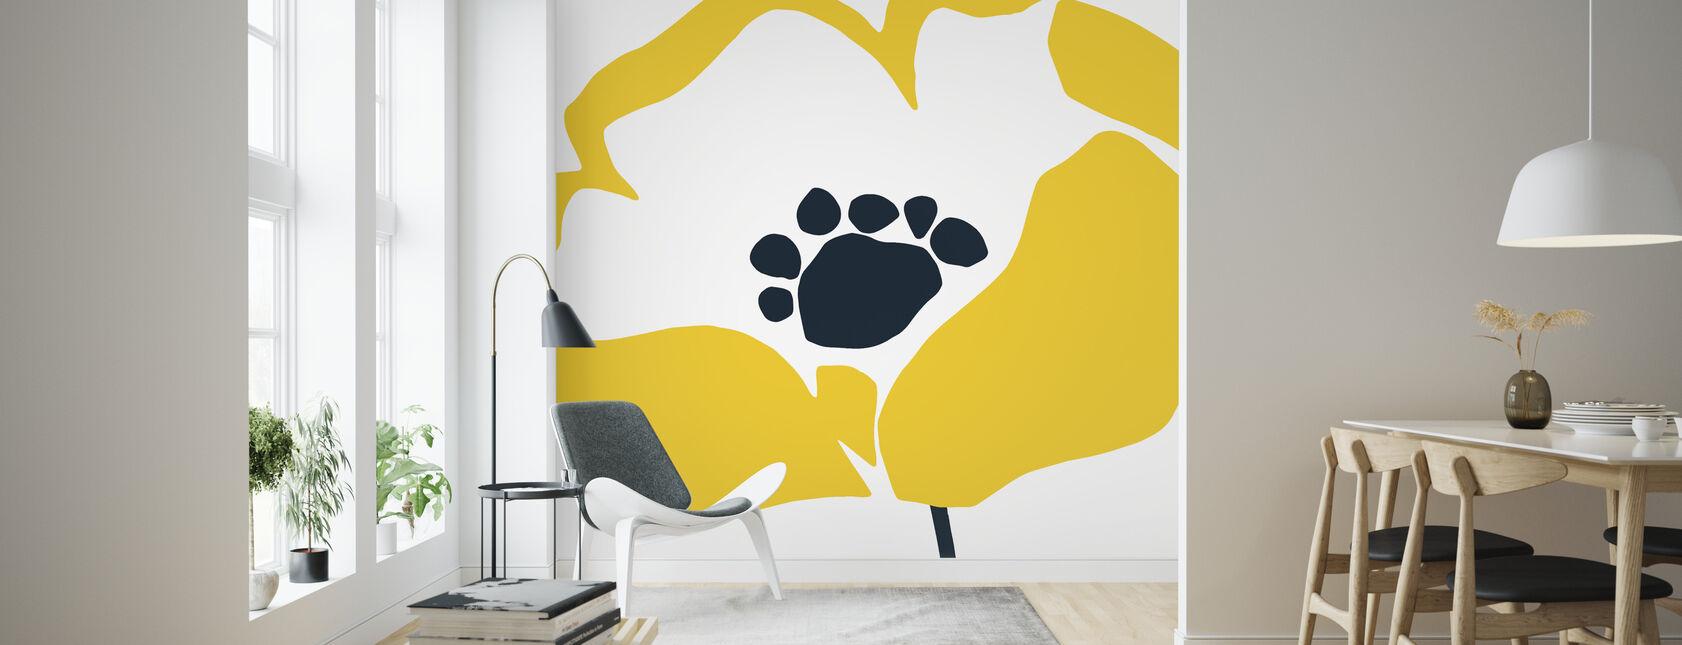 Décorations murales jaunes